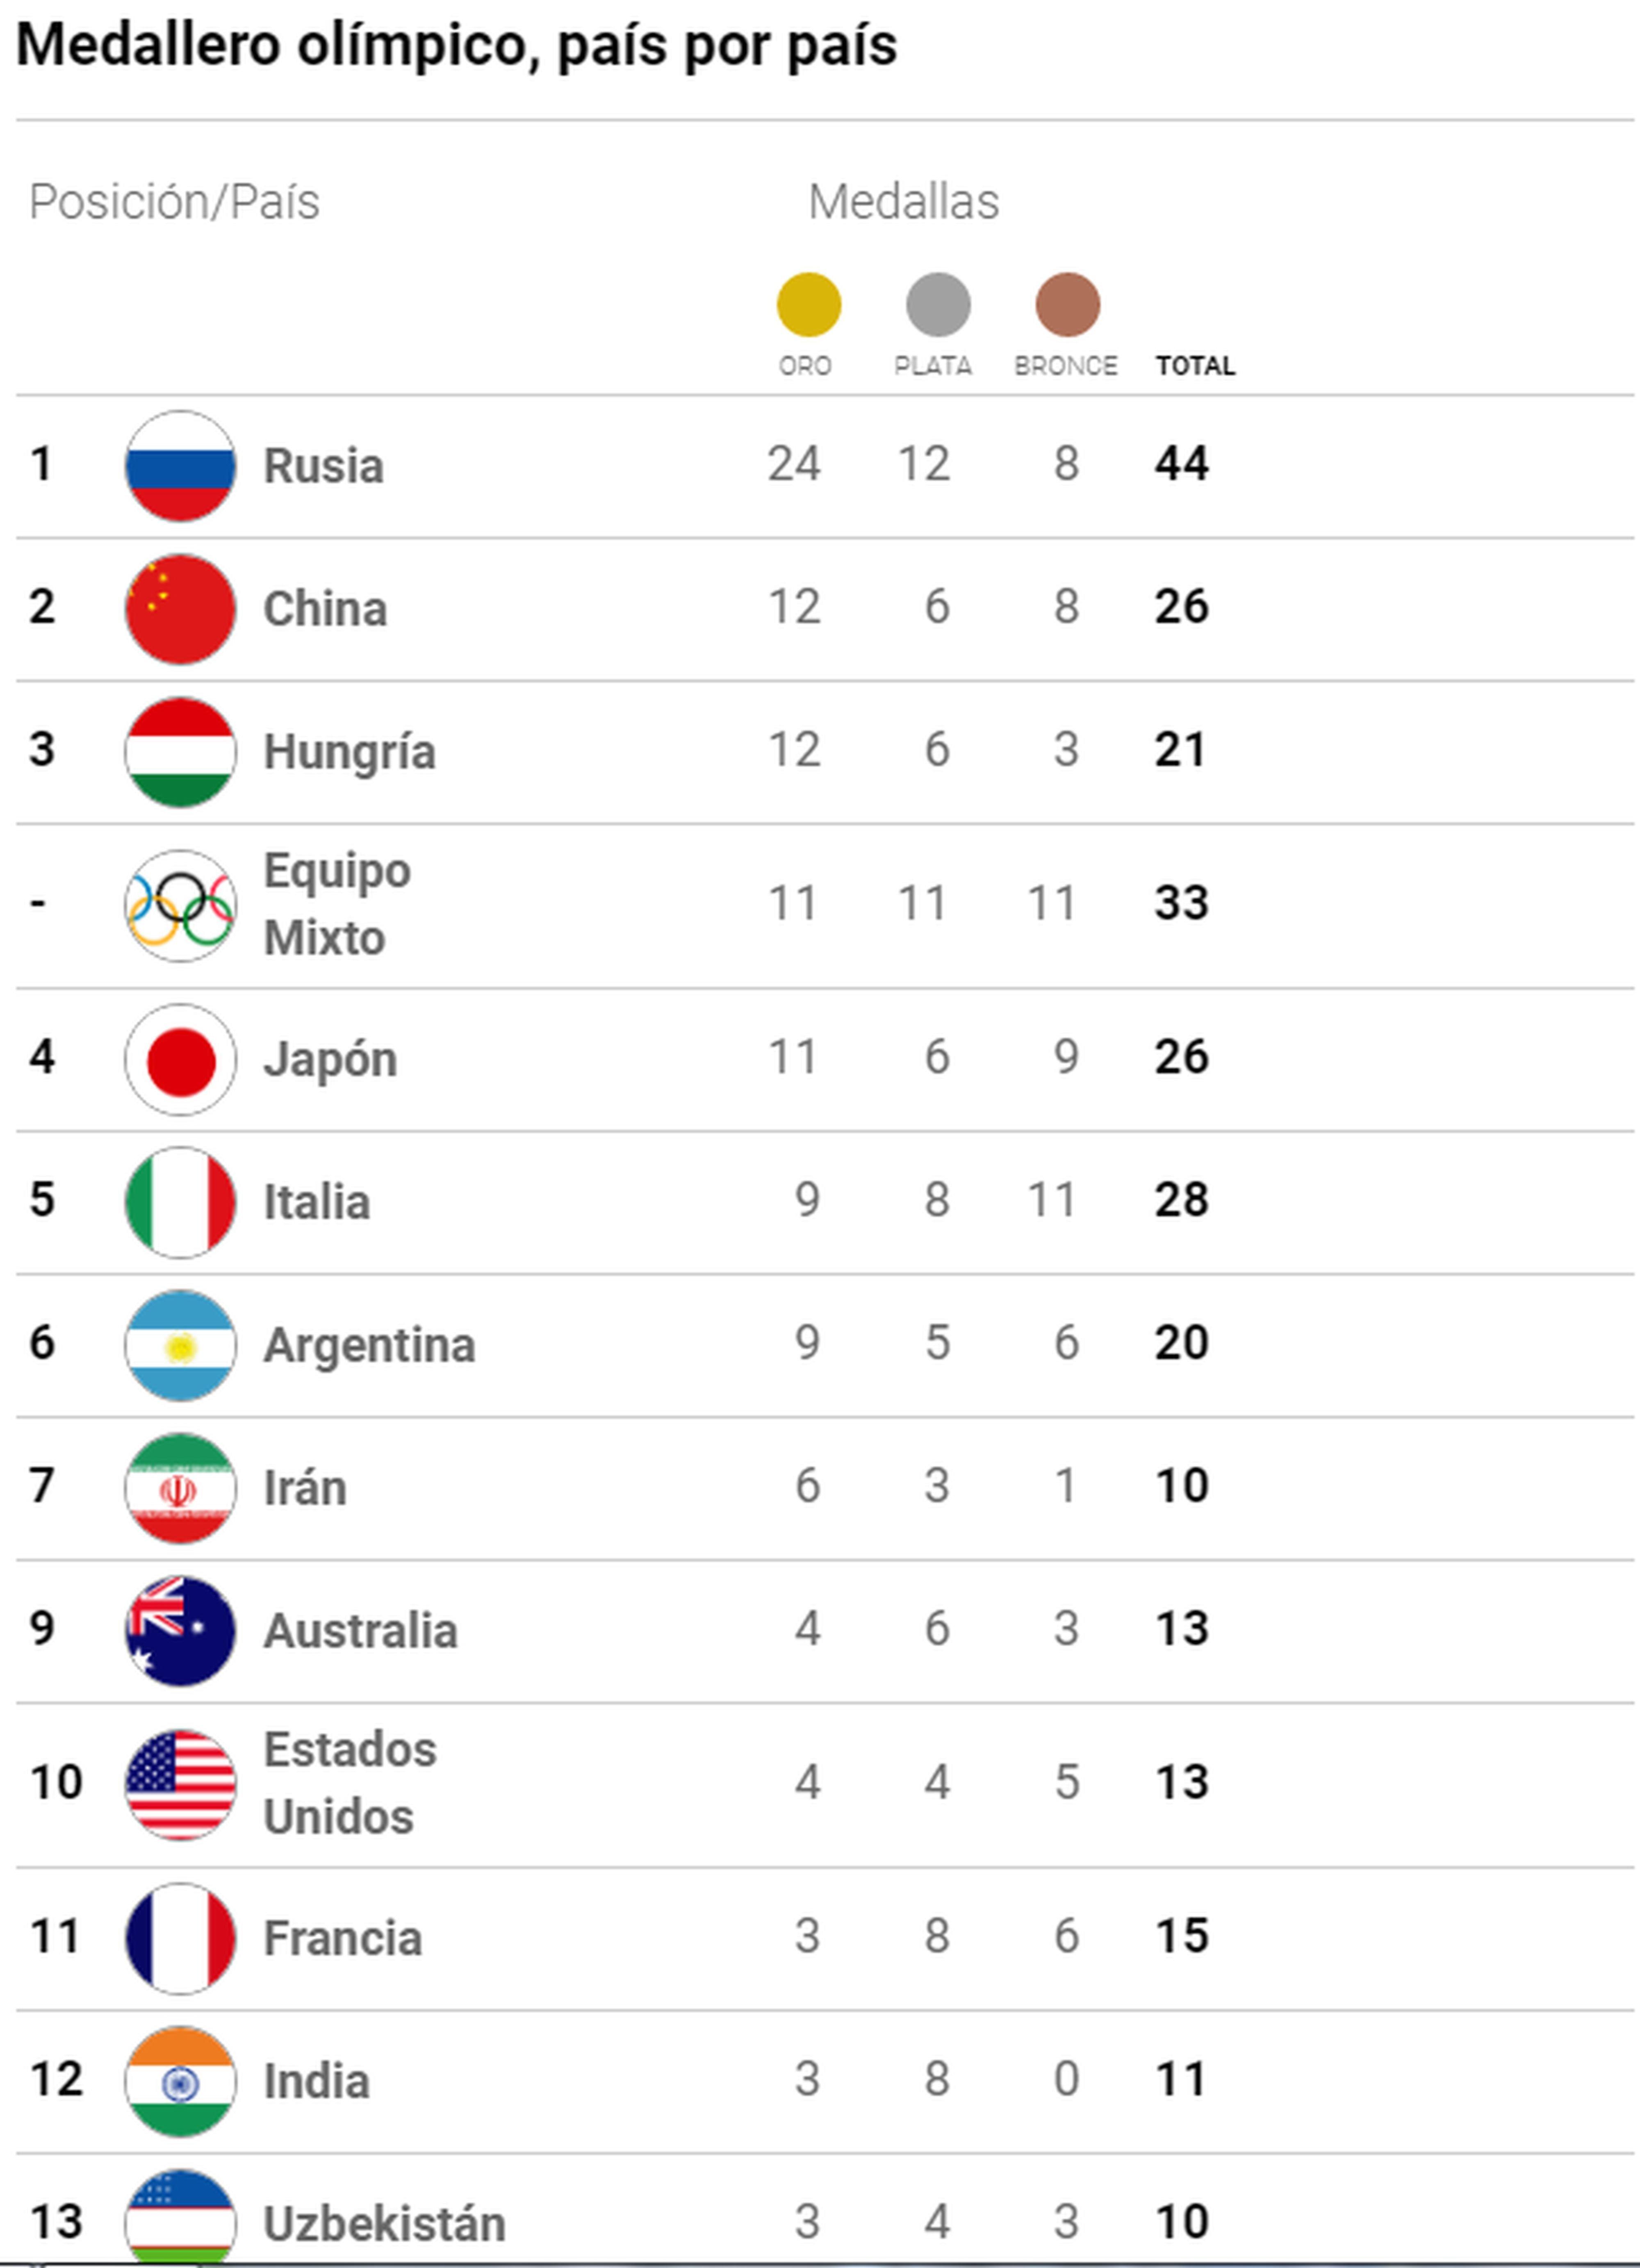 Asi Esta El Medallero De Los Juegos Olimpicos De La Juventud